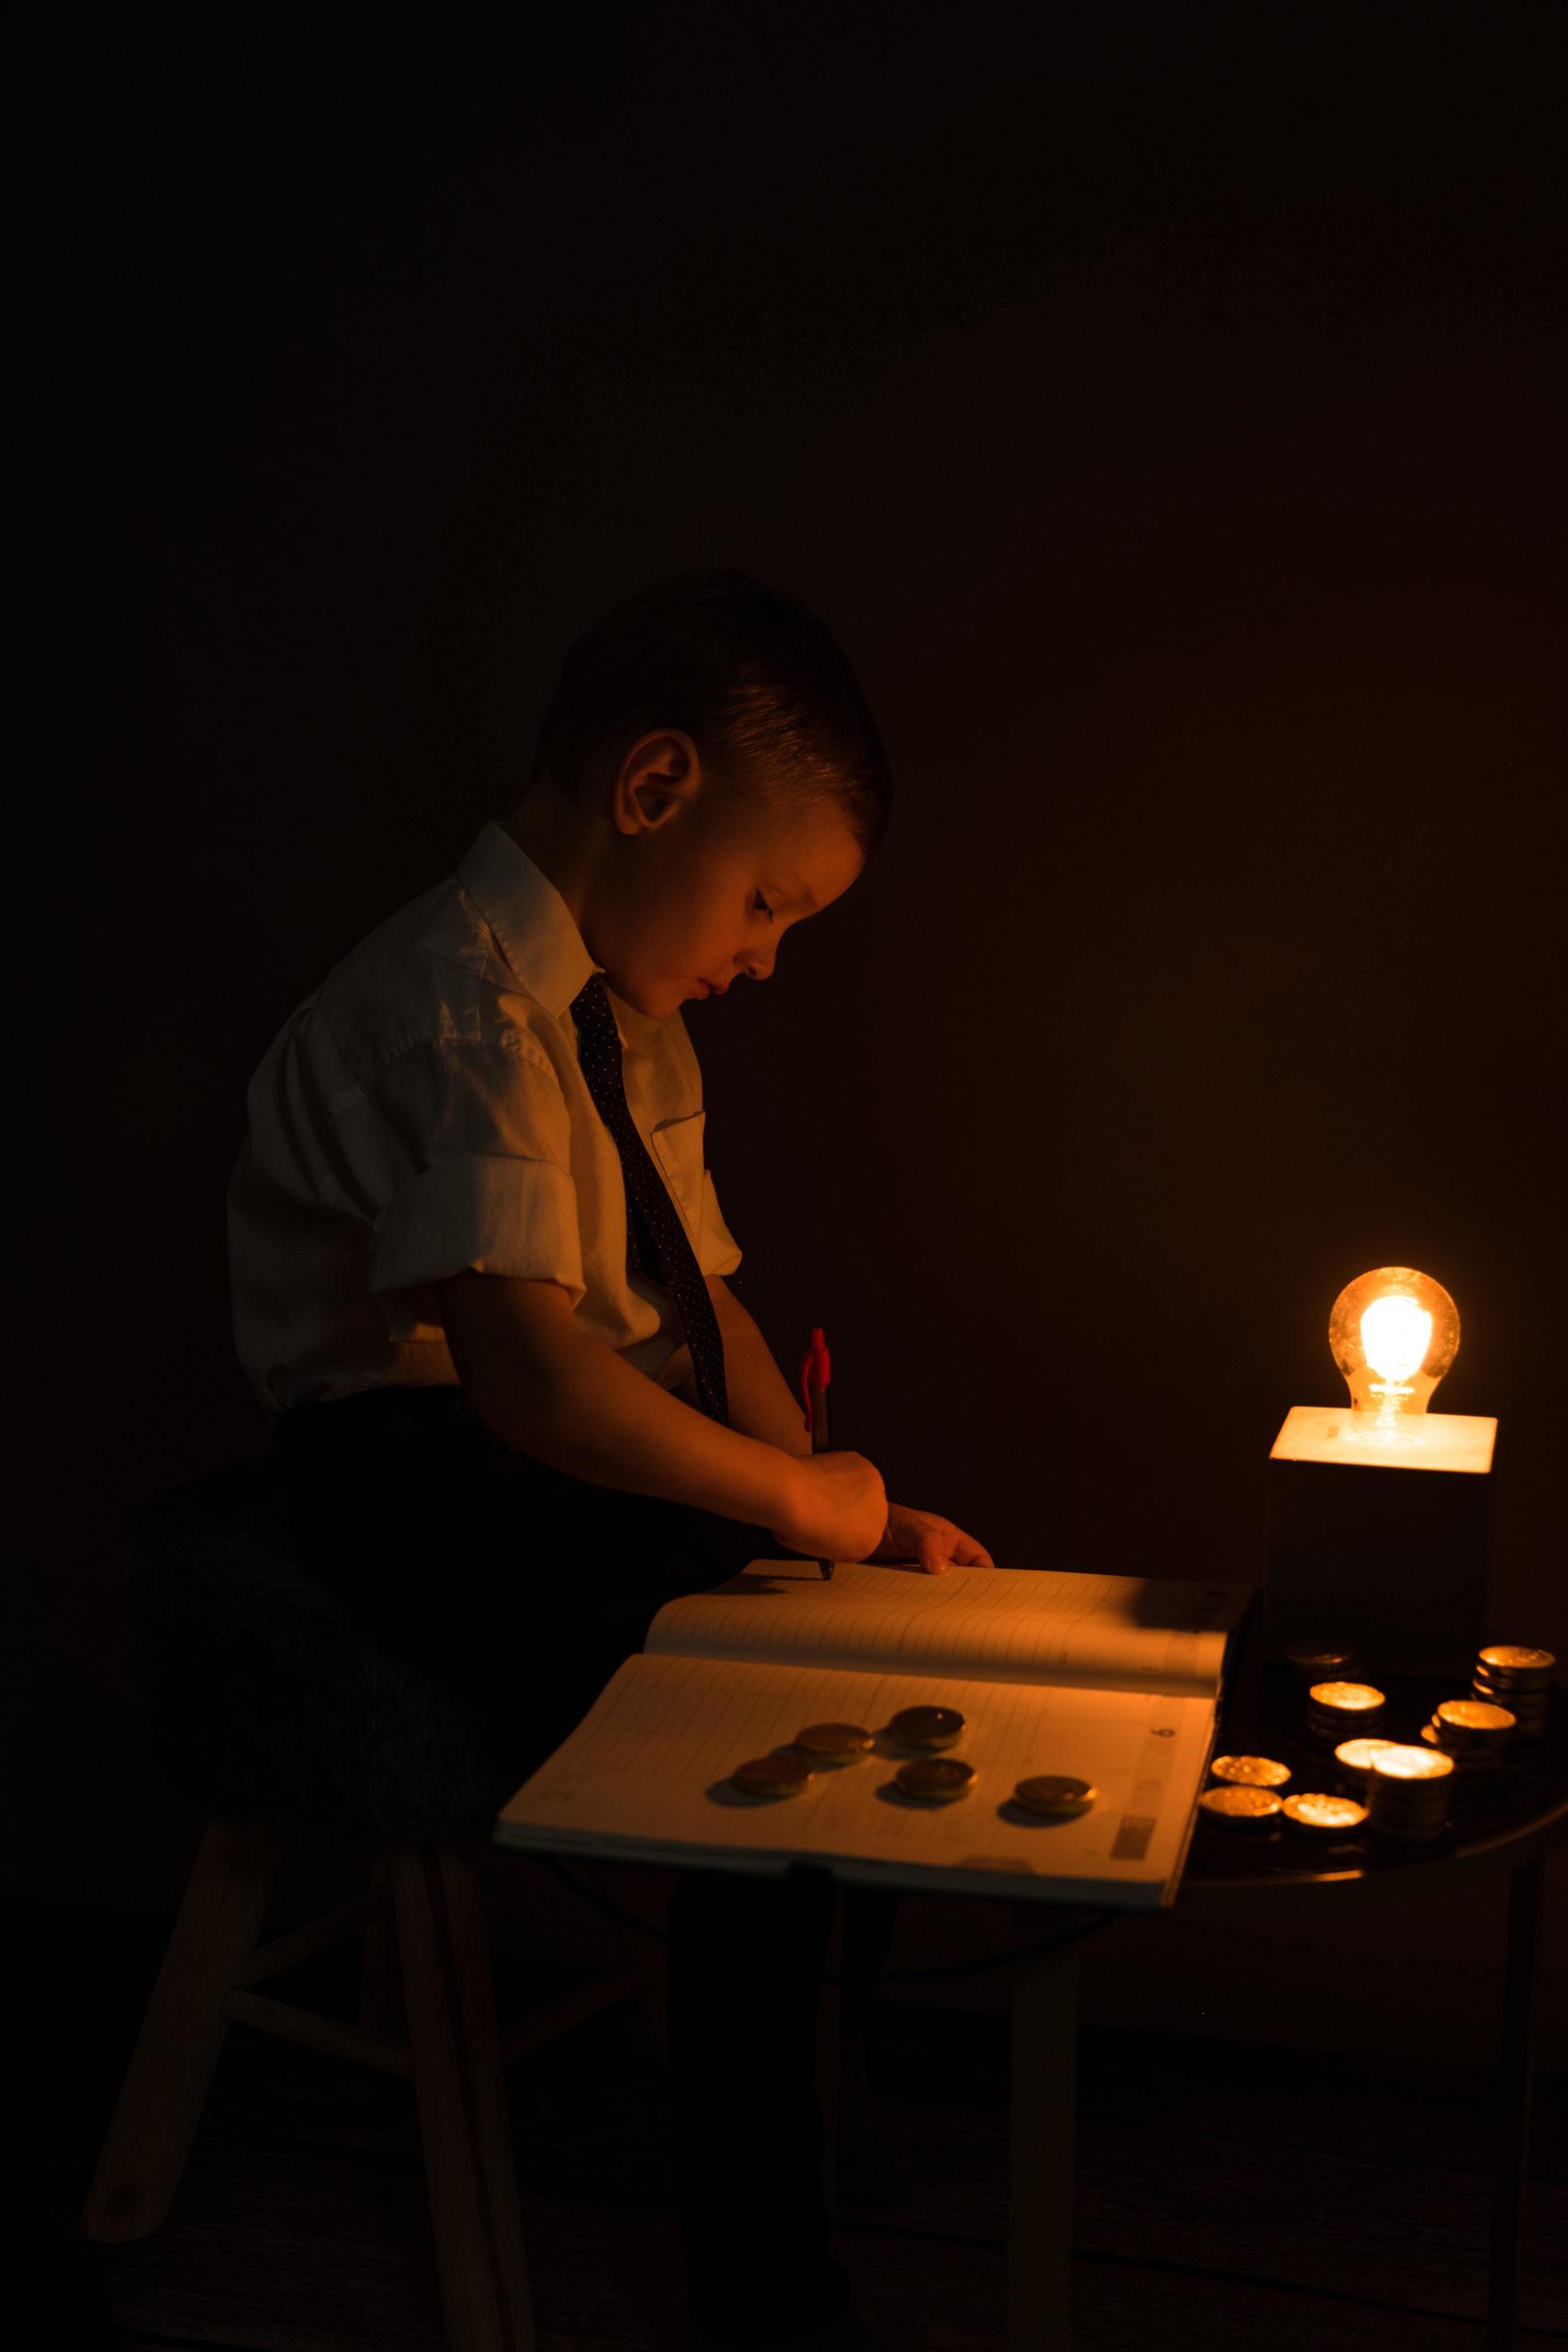 Junger Mann arbeitet in die nacht hinein